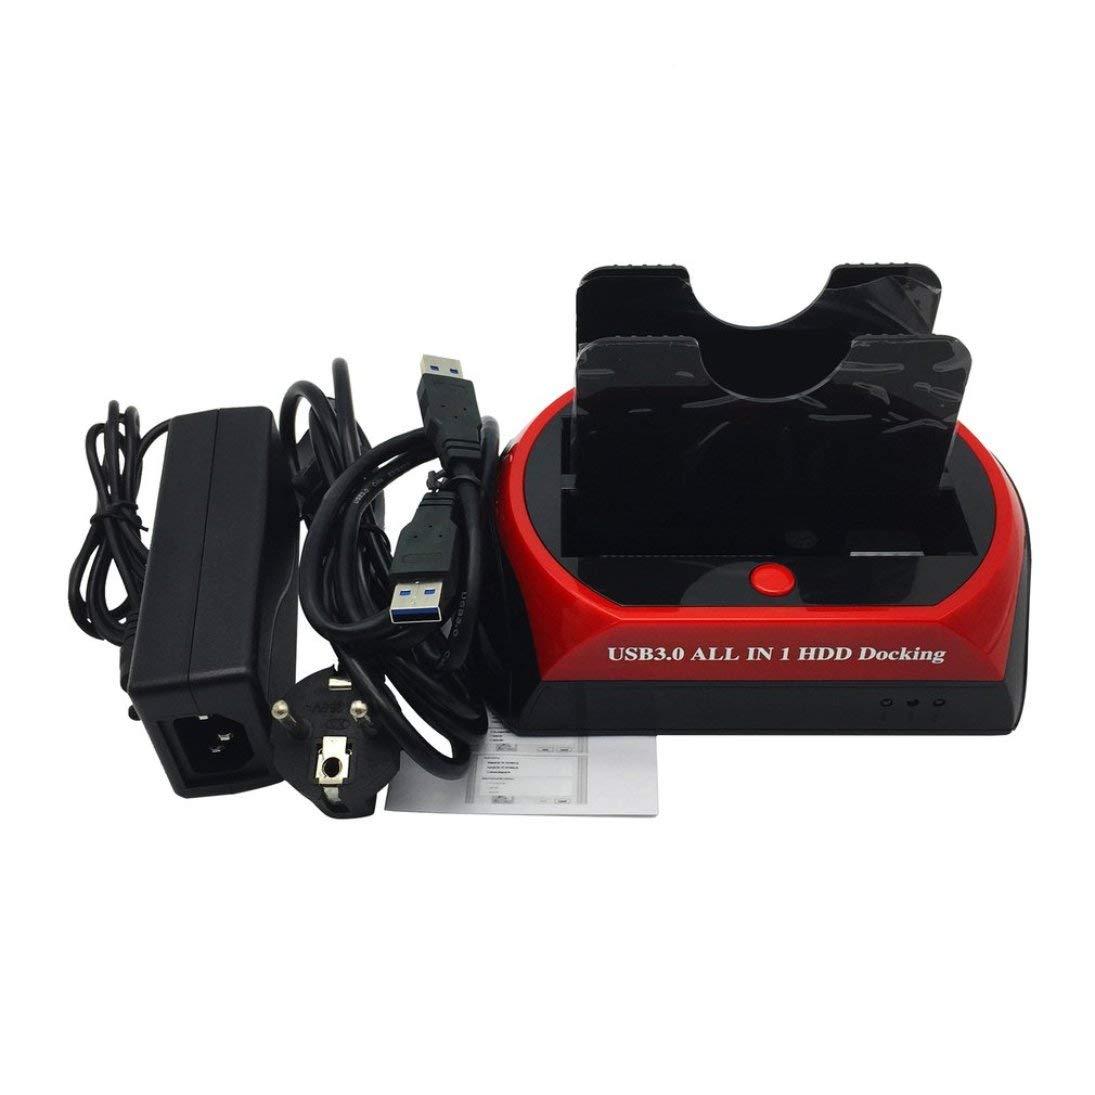 875U3-J All in 1 HDD Docking 2.5'/3.5' USB 3.0/2.0 To IDE SATA Dock Station ToGames-ES